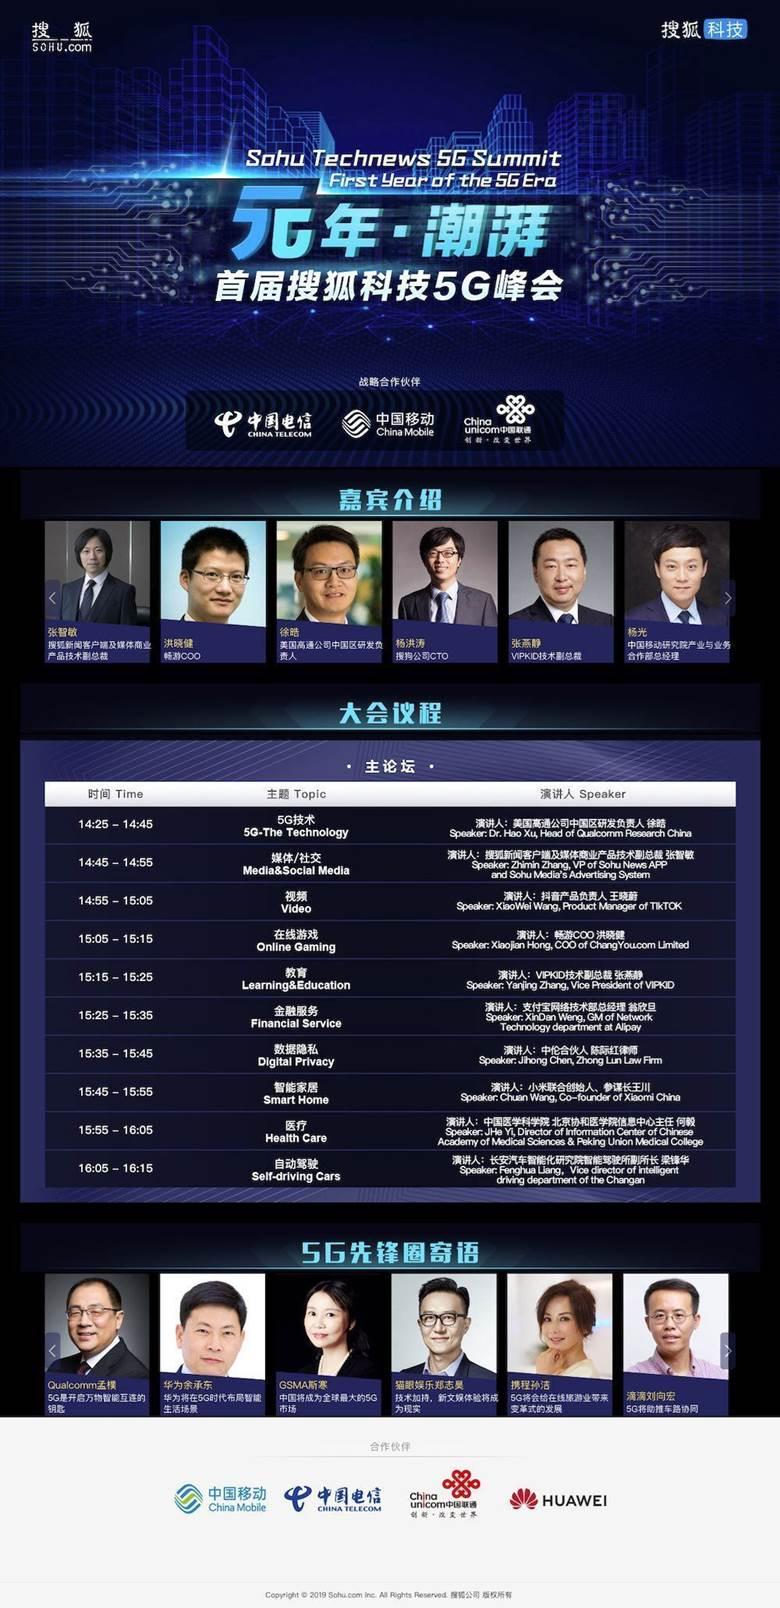 首届搜狐科技5G峰会-搜狐科技副本2.png